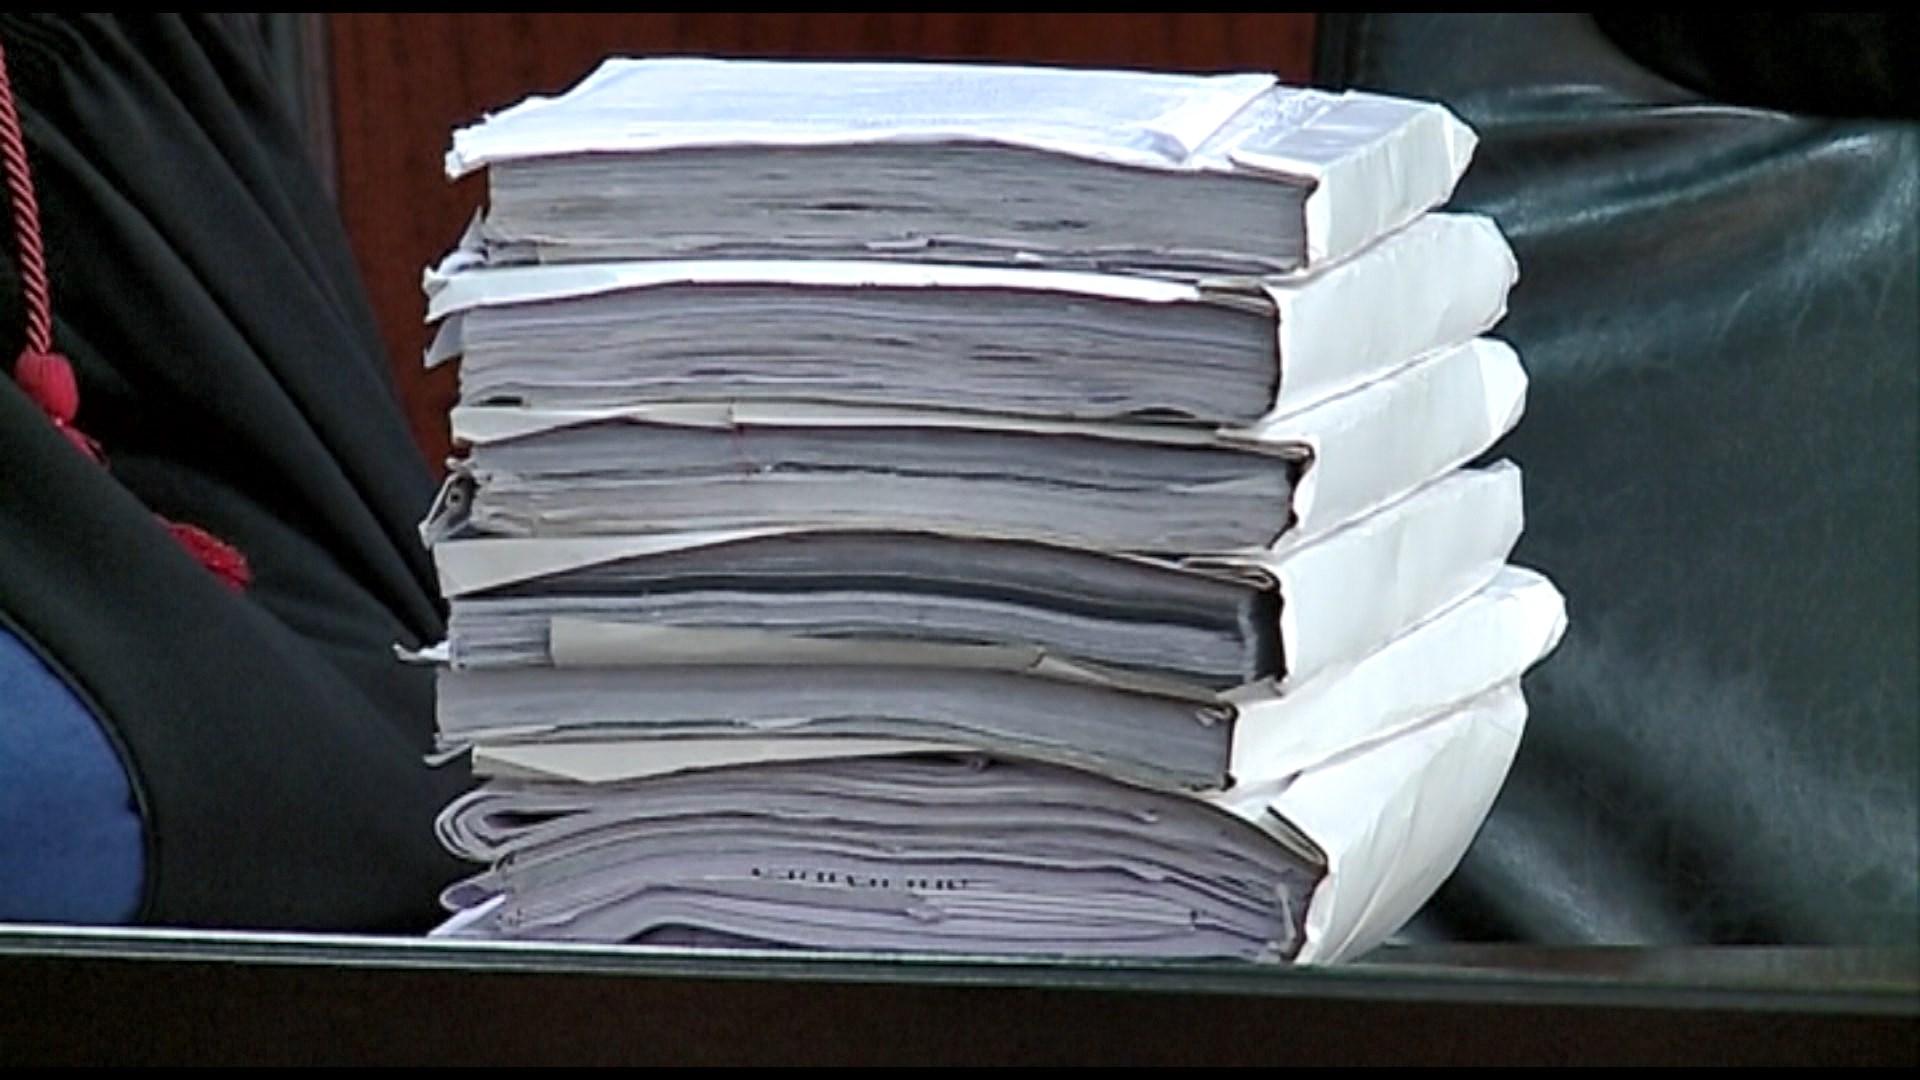 """Mbi 35 mijë dosje në pritje, Gjykata e Lartë Penale """"shkund pluhurin"""": Kemi shqyrtuar 180 çështje"""